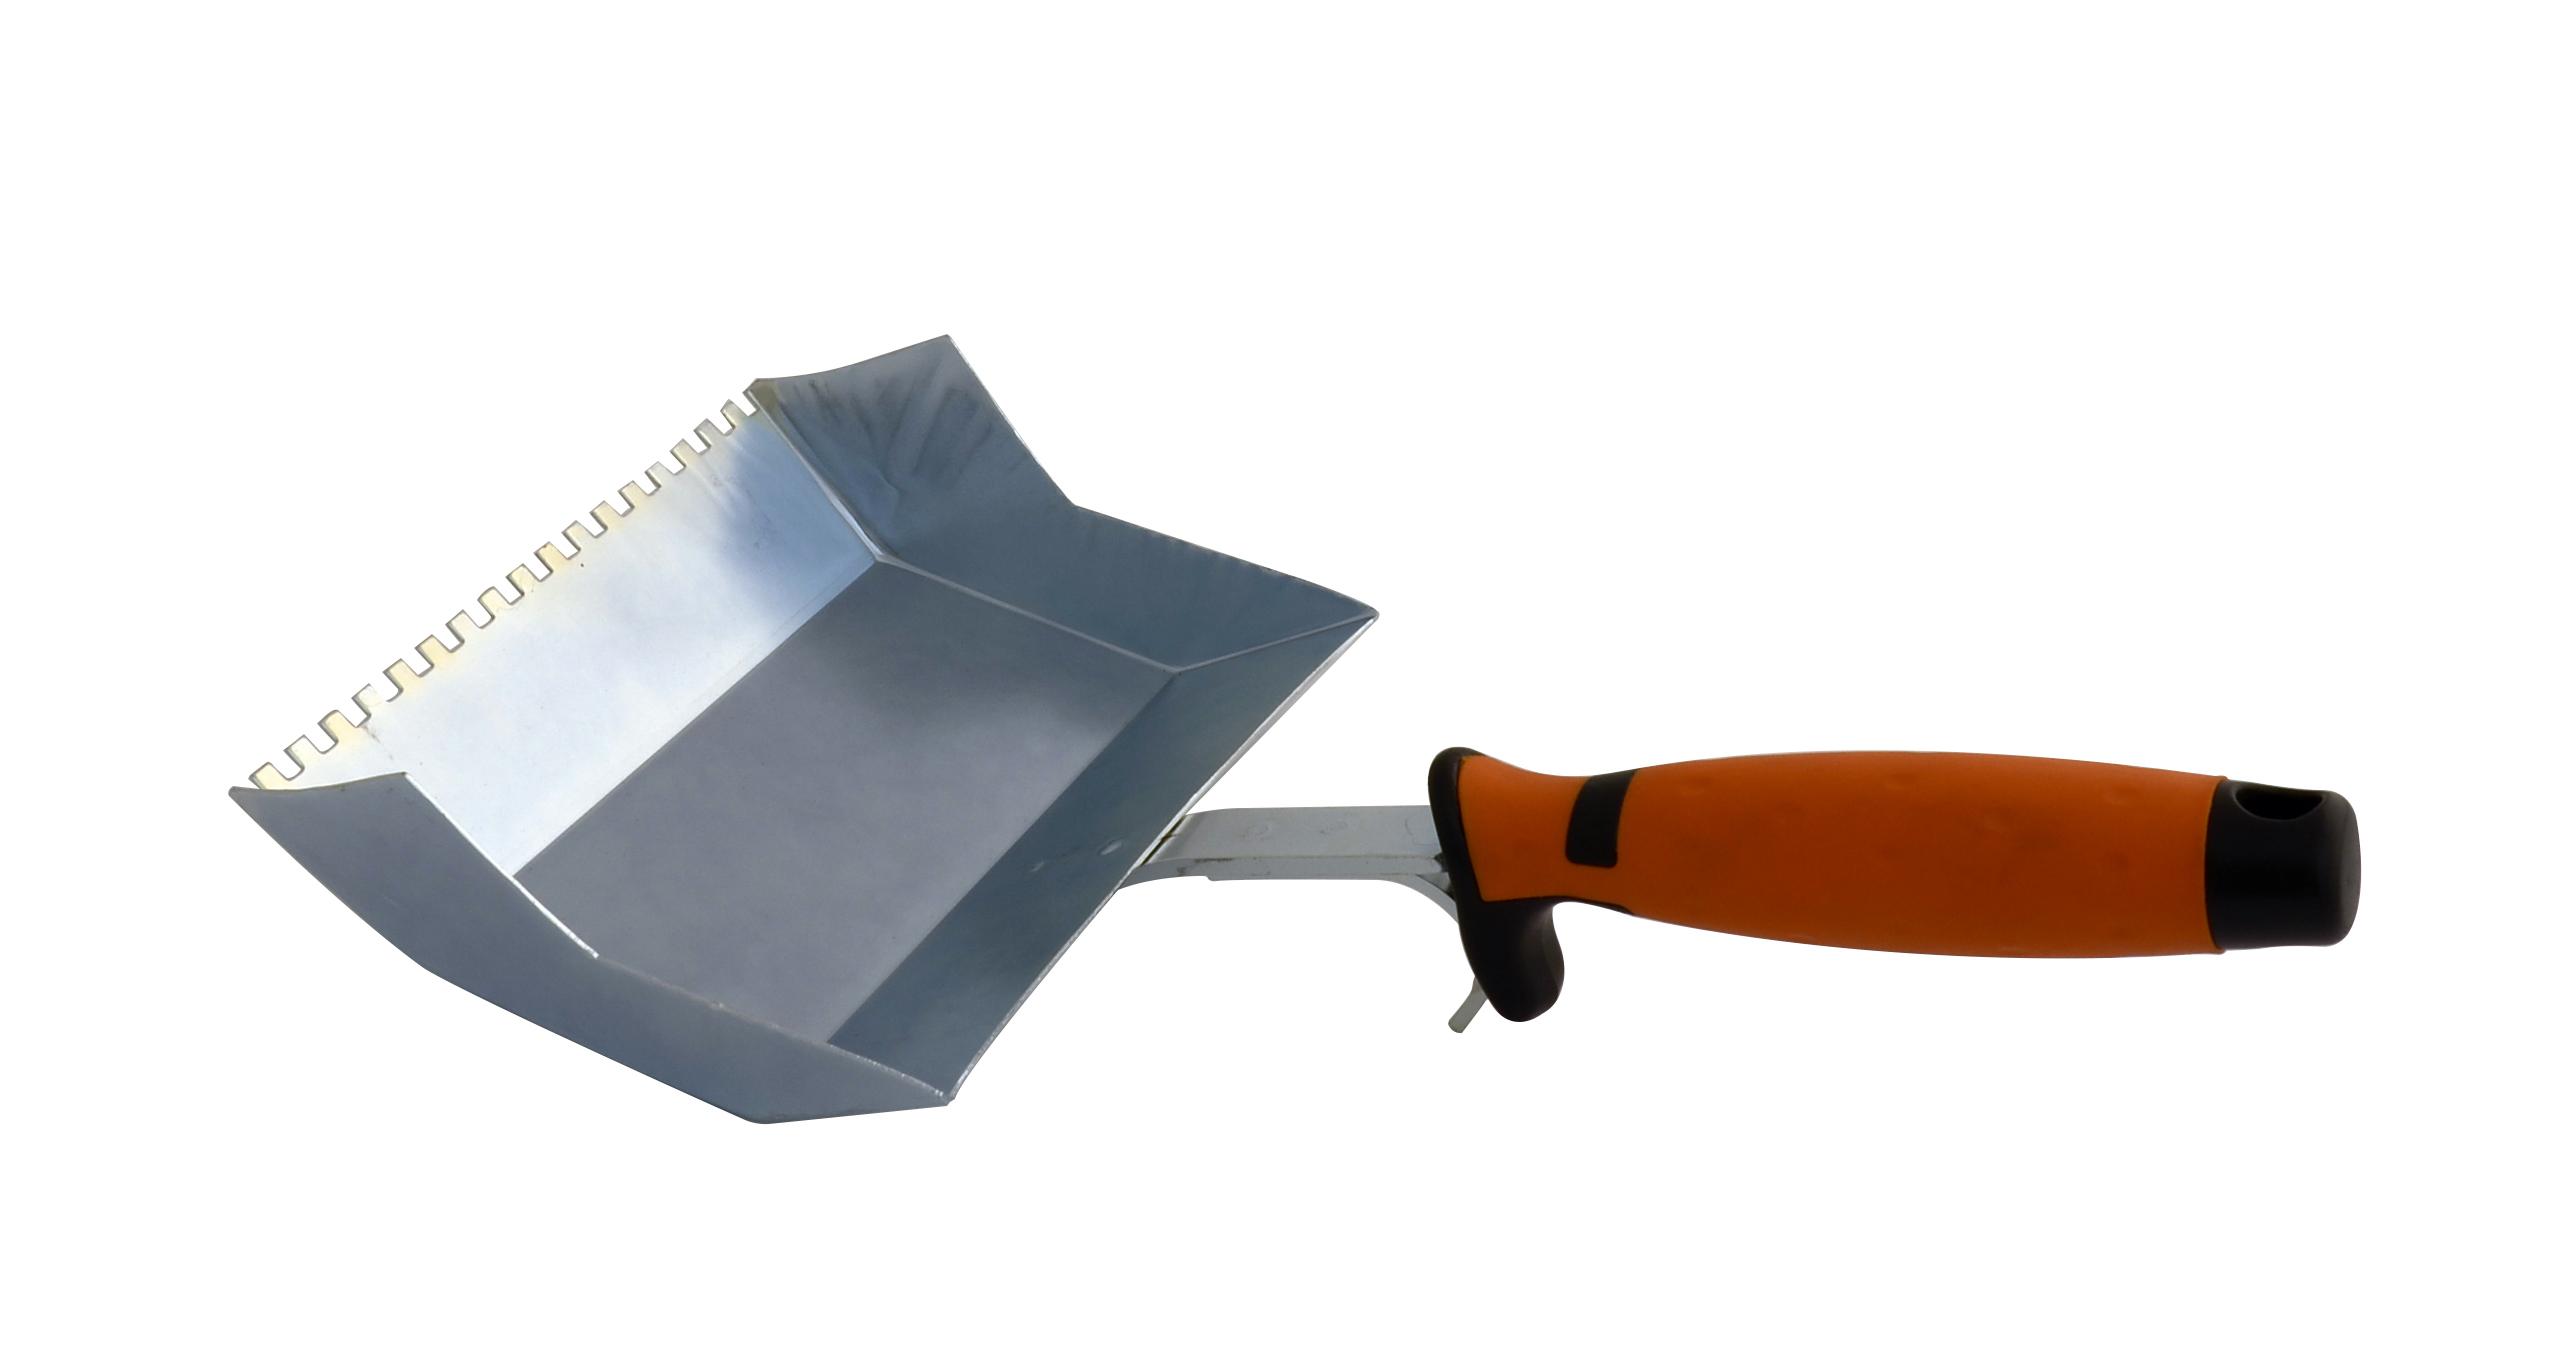 Truelle dent e colle pour b ton cellulaire 175 mm edma krenobat outillage distribution - Colle pour beton cellulaire ...